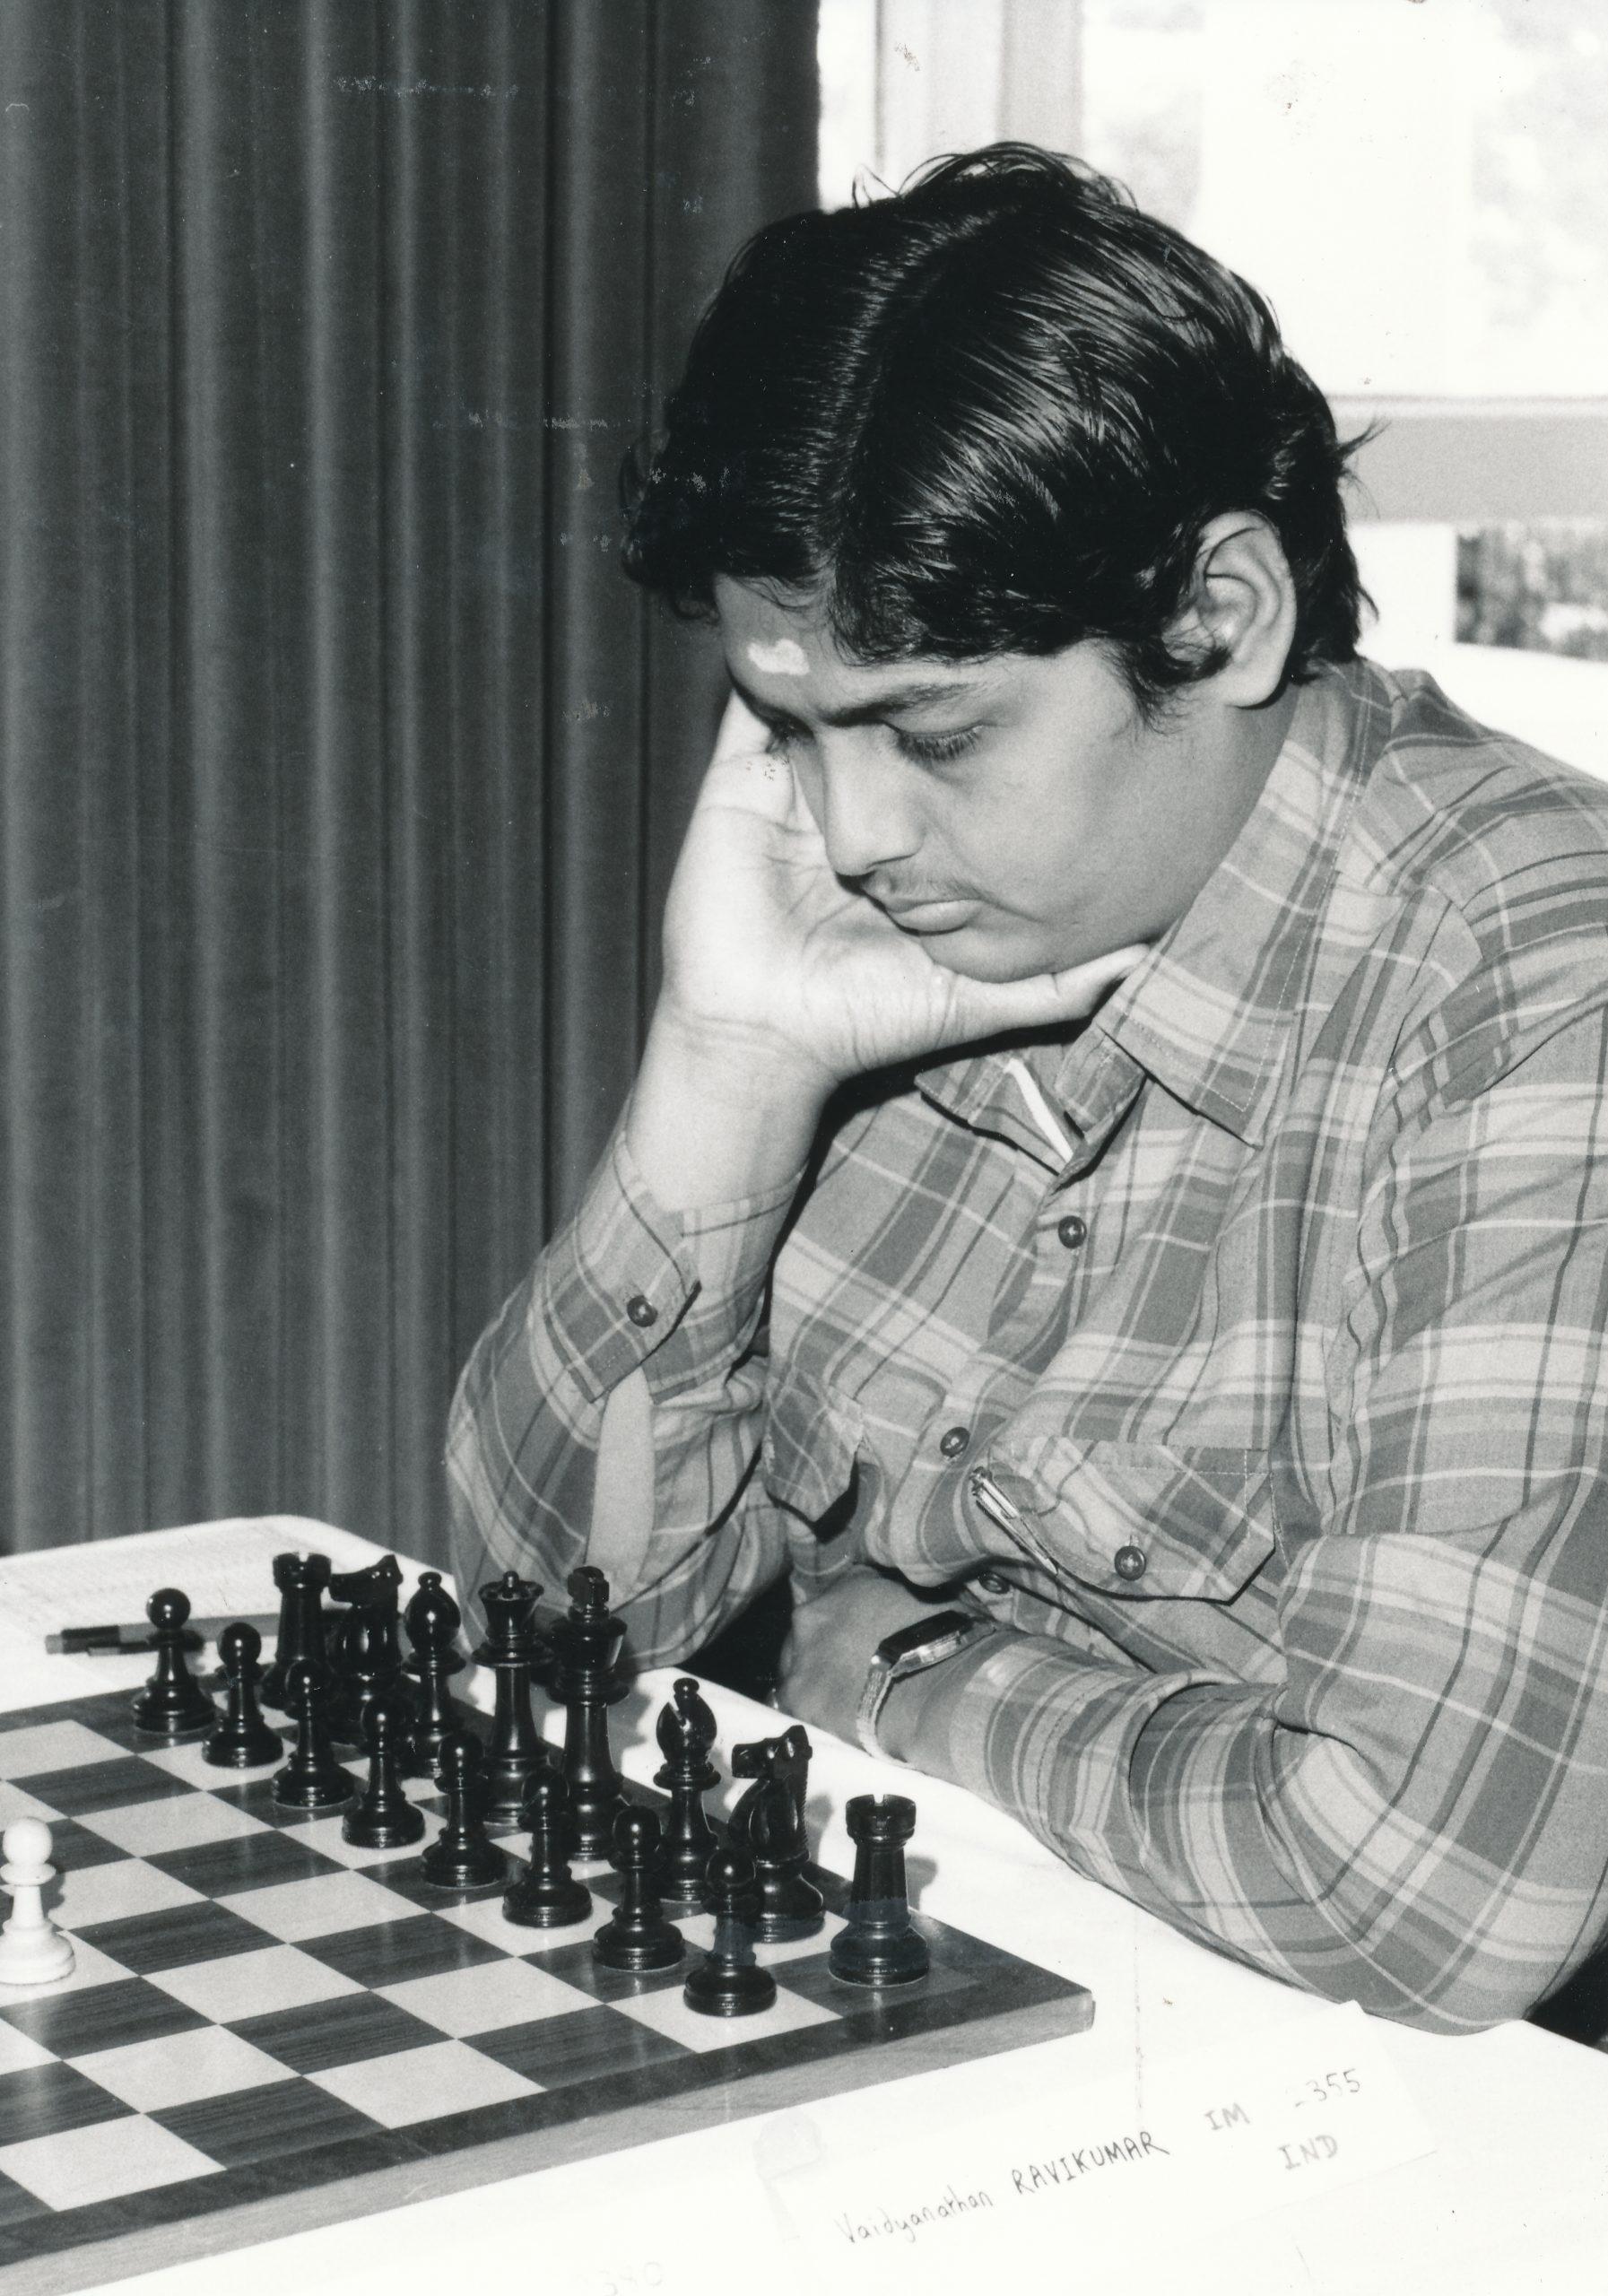 IM Vaidyanathan Ravikumar